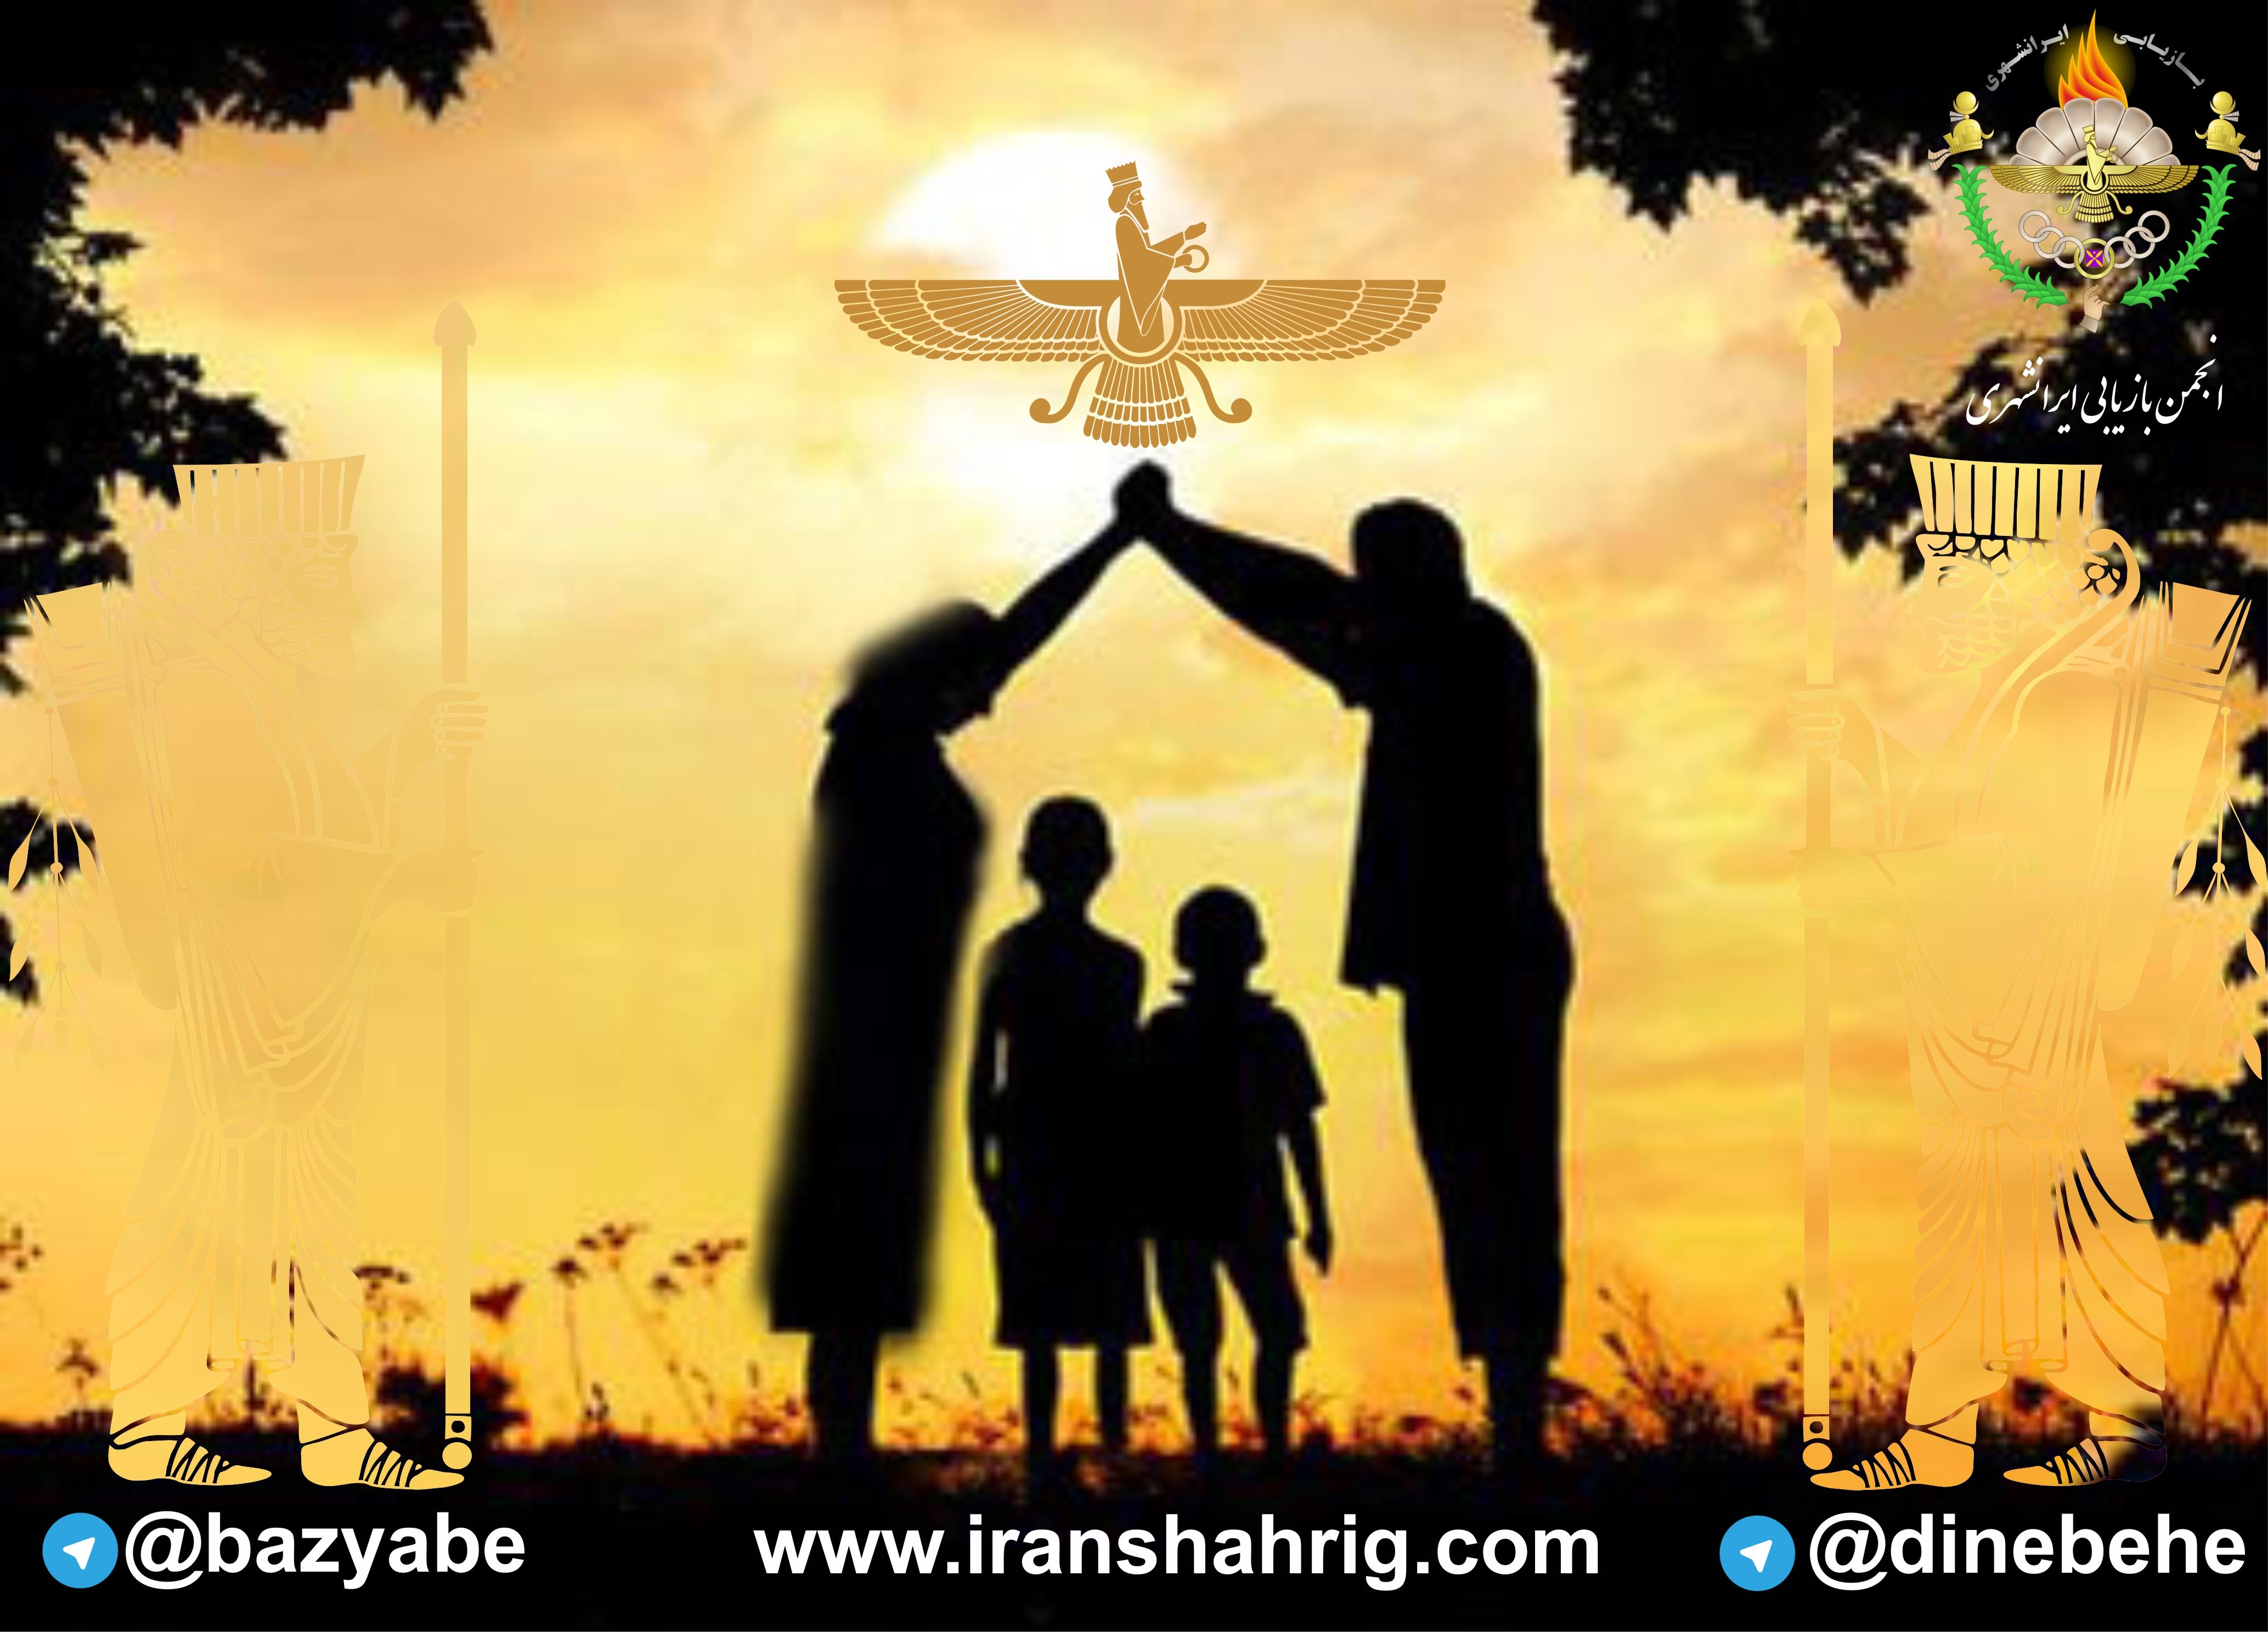 زُدایش در زمینه ازدواج ایرانیان با نزدیکان و خویشانِ خویش / شادروان موبدِ موبدان اردشیر آذرگشسپ